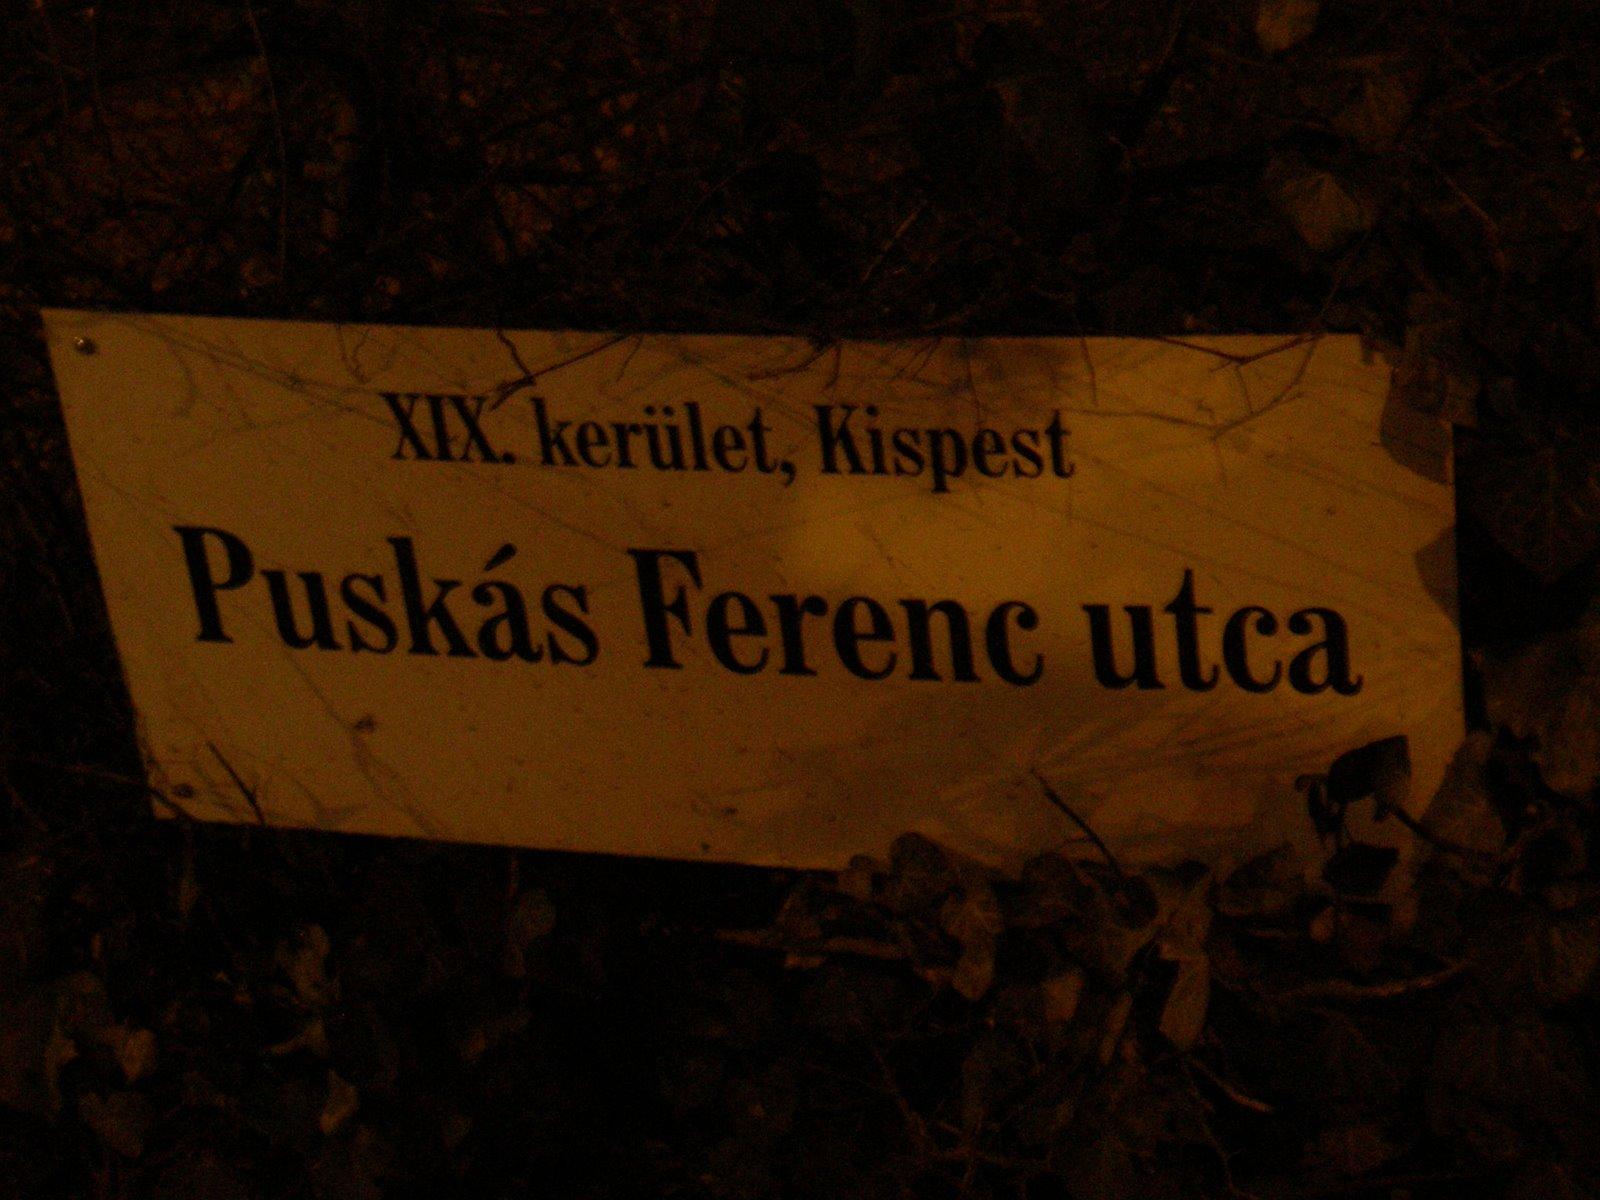 puskas-ferenc-utca1.jpg